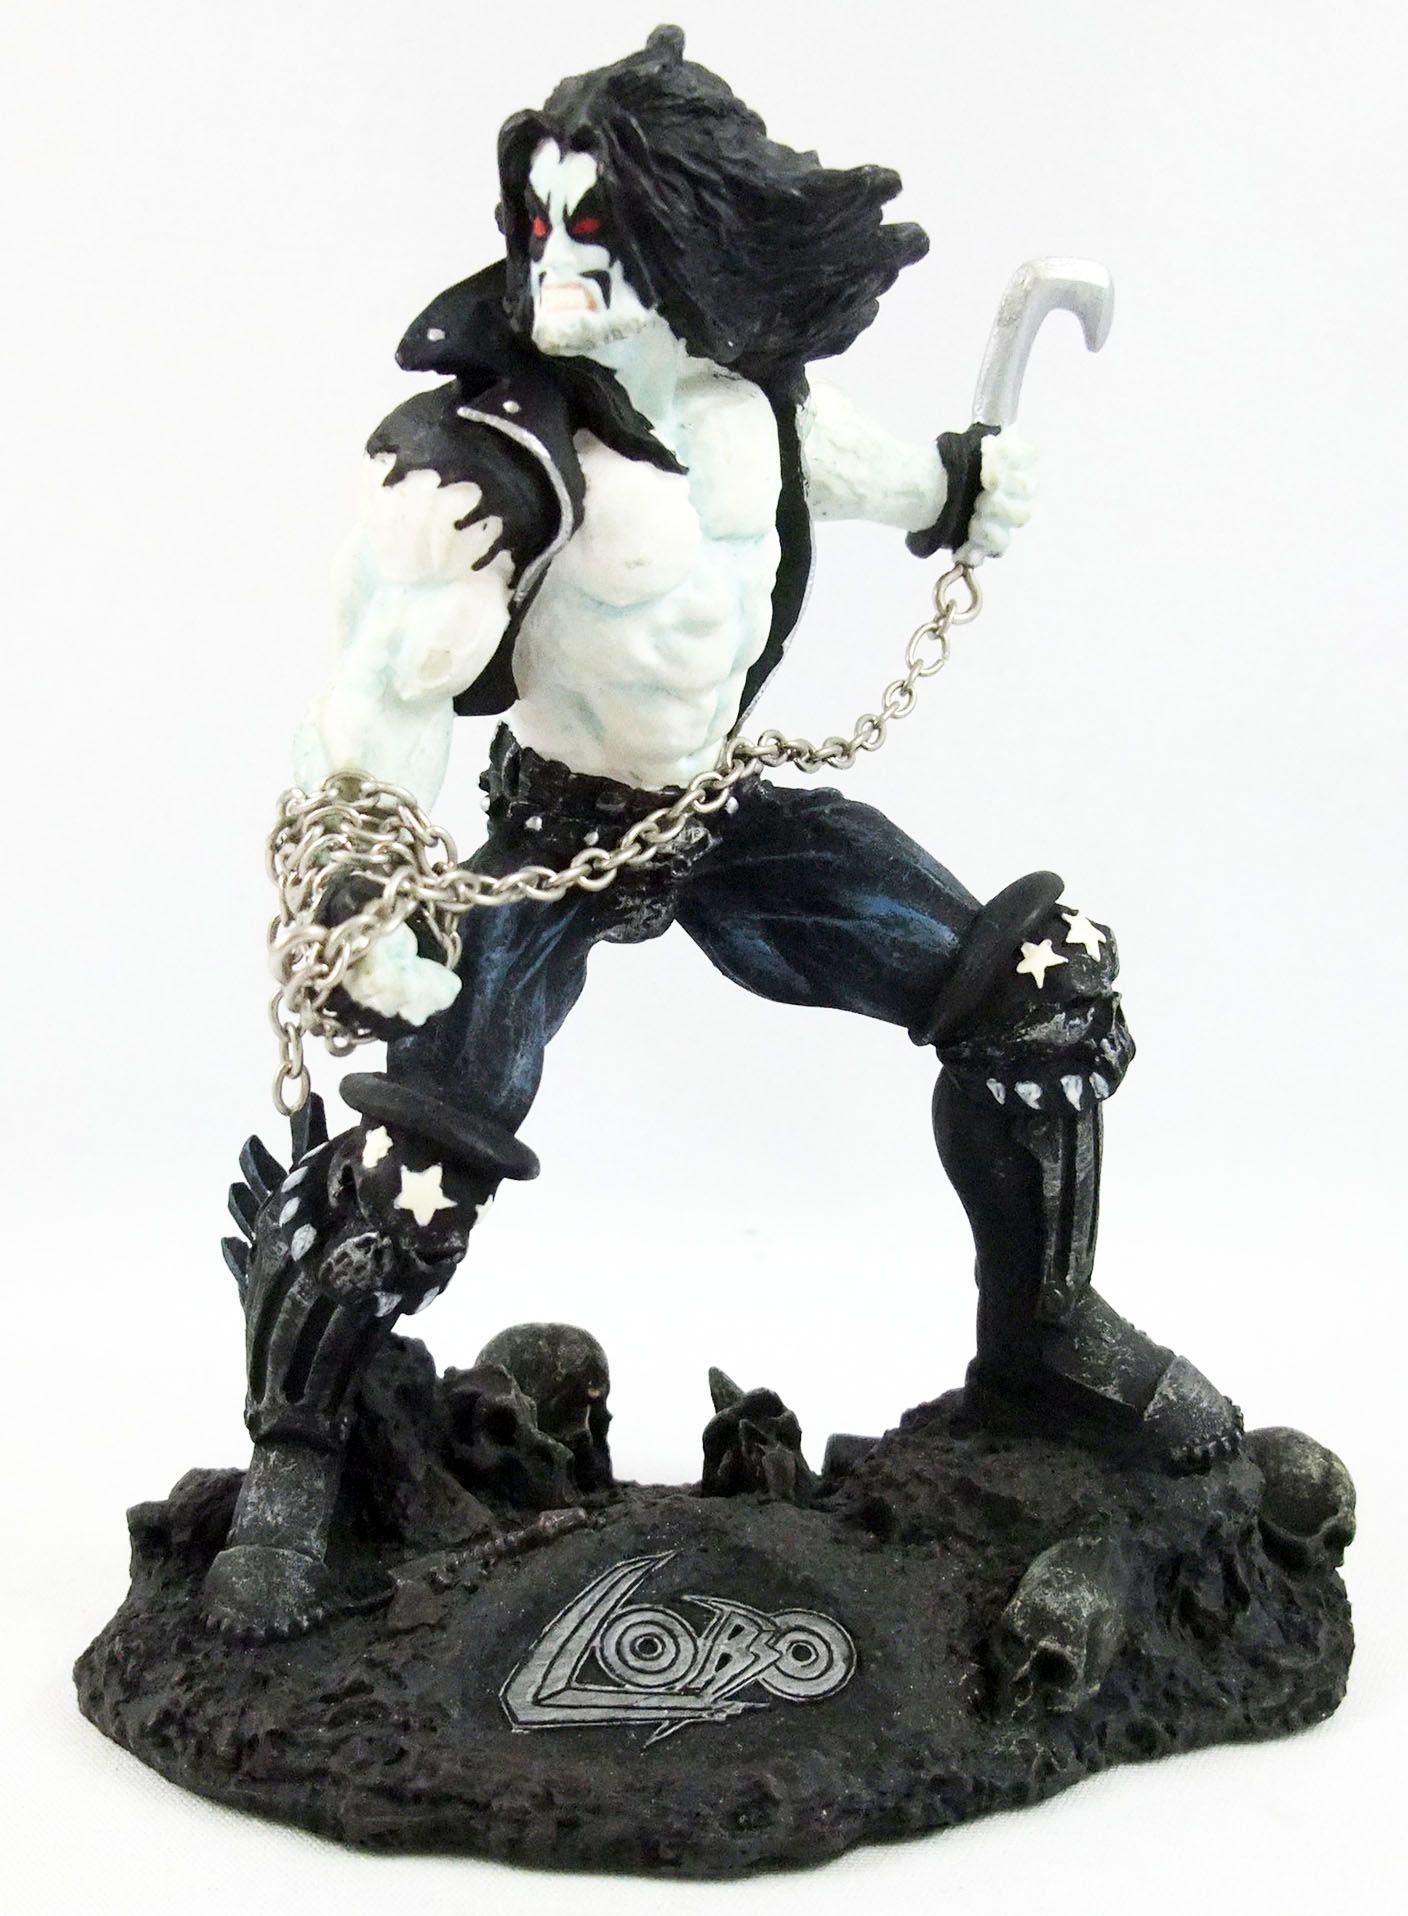 Lobo - Statue résine miniature 14cm - DC Direct Randy Bowen 1997